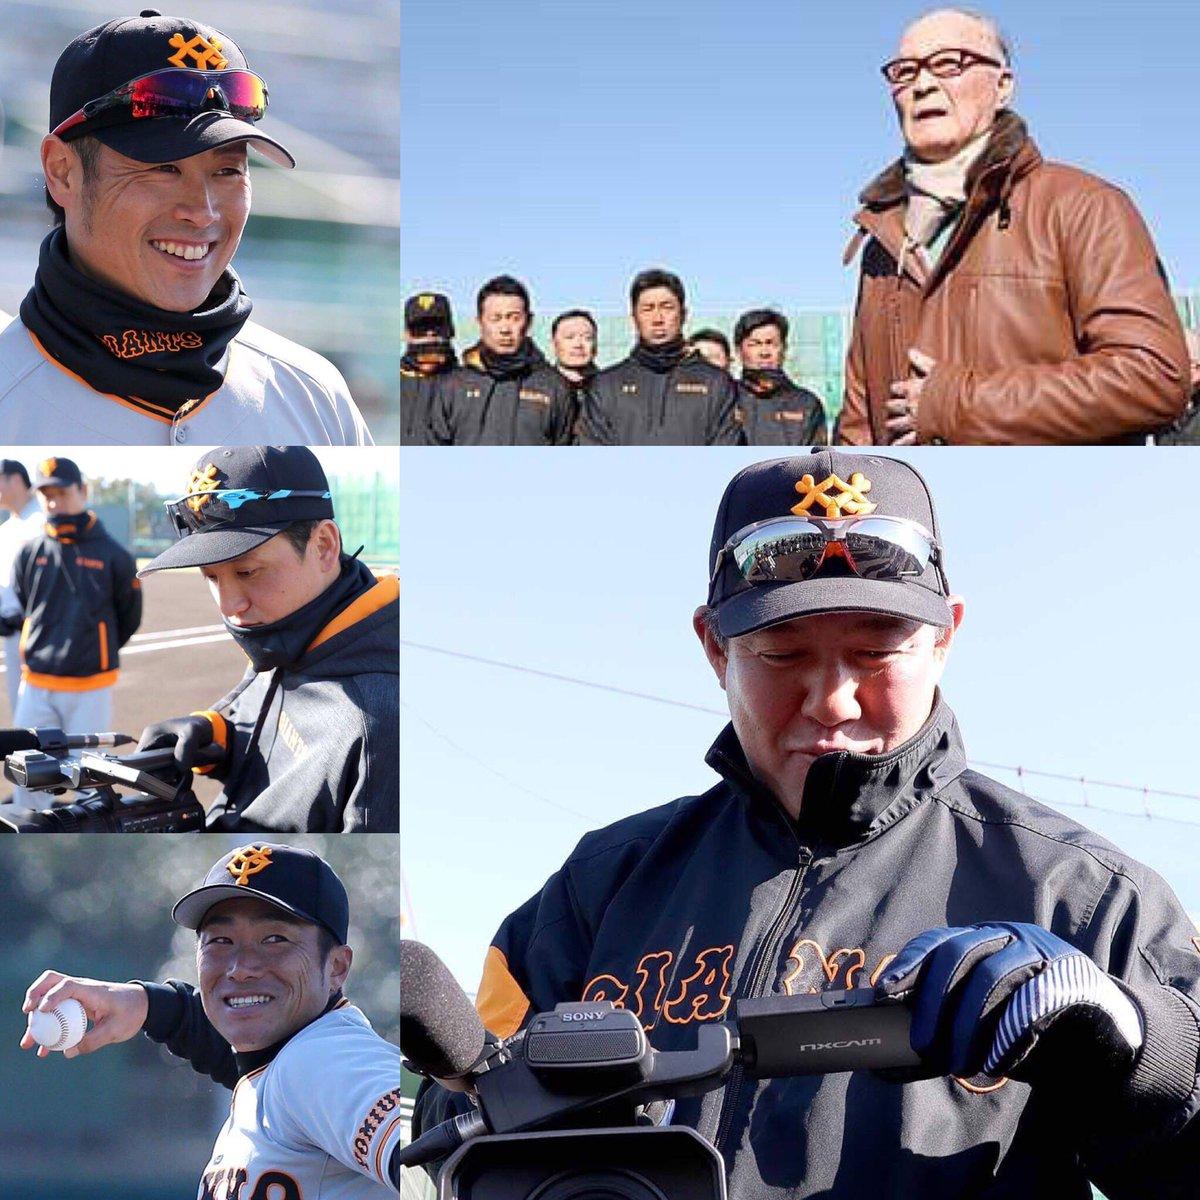 あす13日は、二軍はサンマリンスタジアム宮崎で練習を行います。また、三軍が宮崎入りし、午後からひむか…